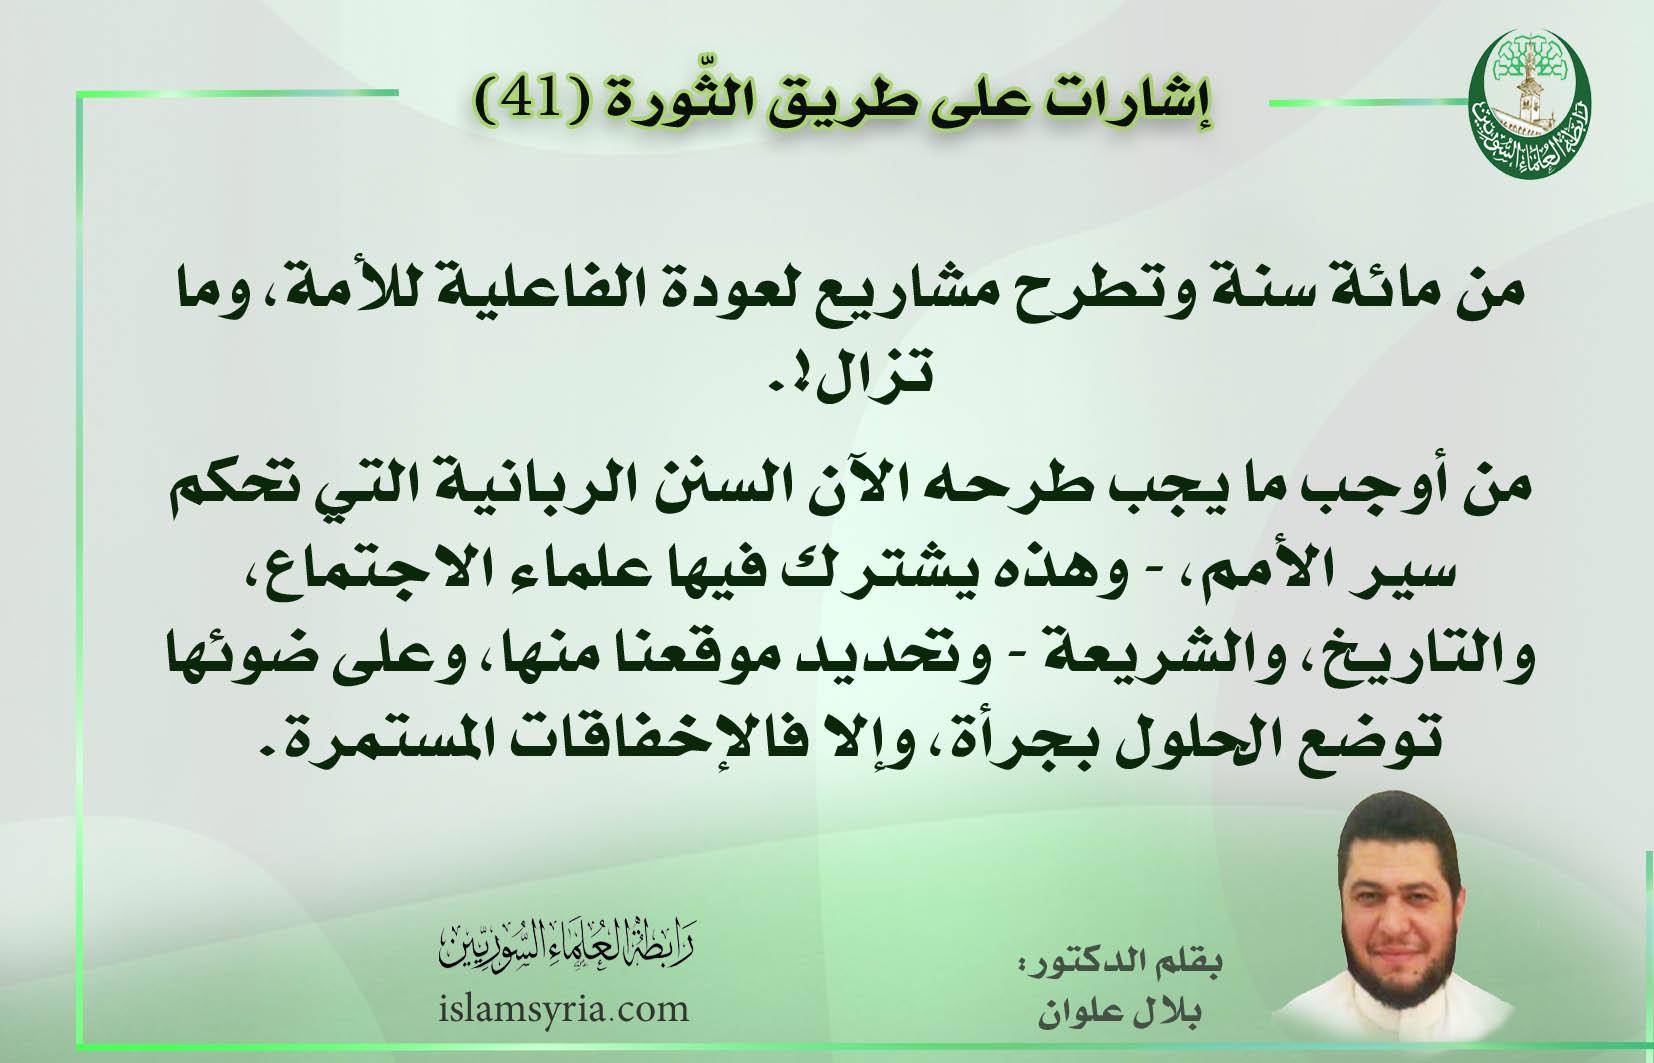 إشارات على طريق الثورة 41||د.بلال علوان